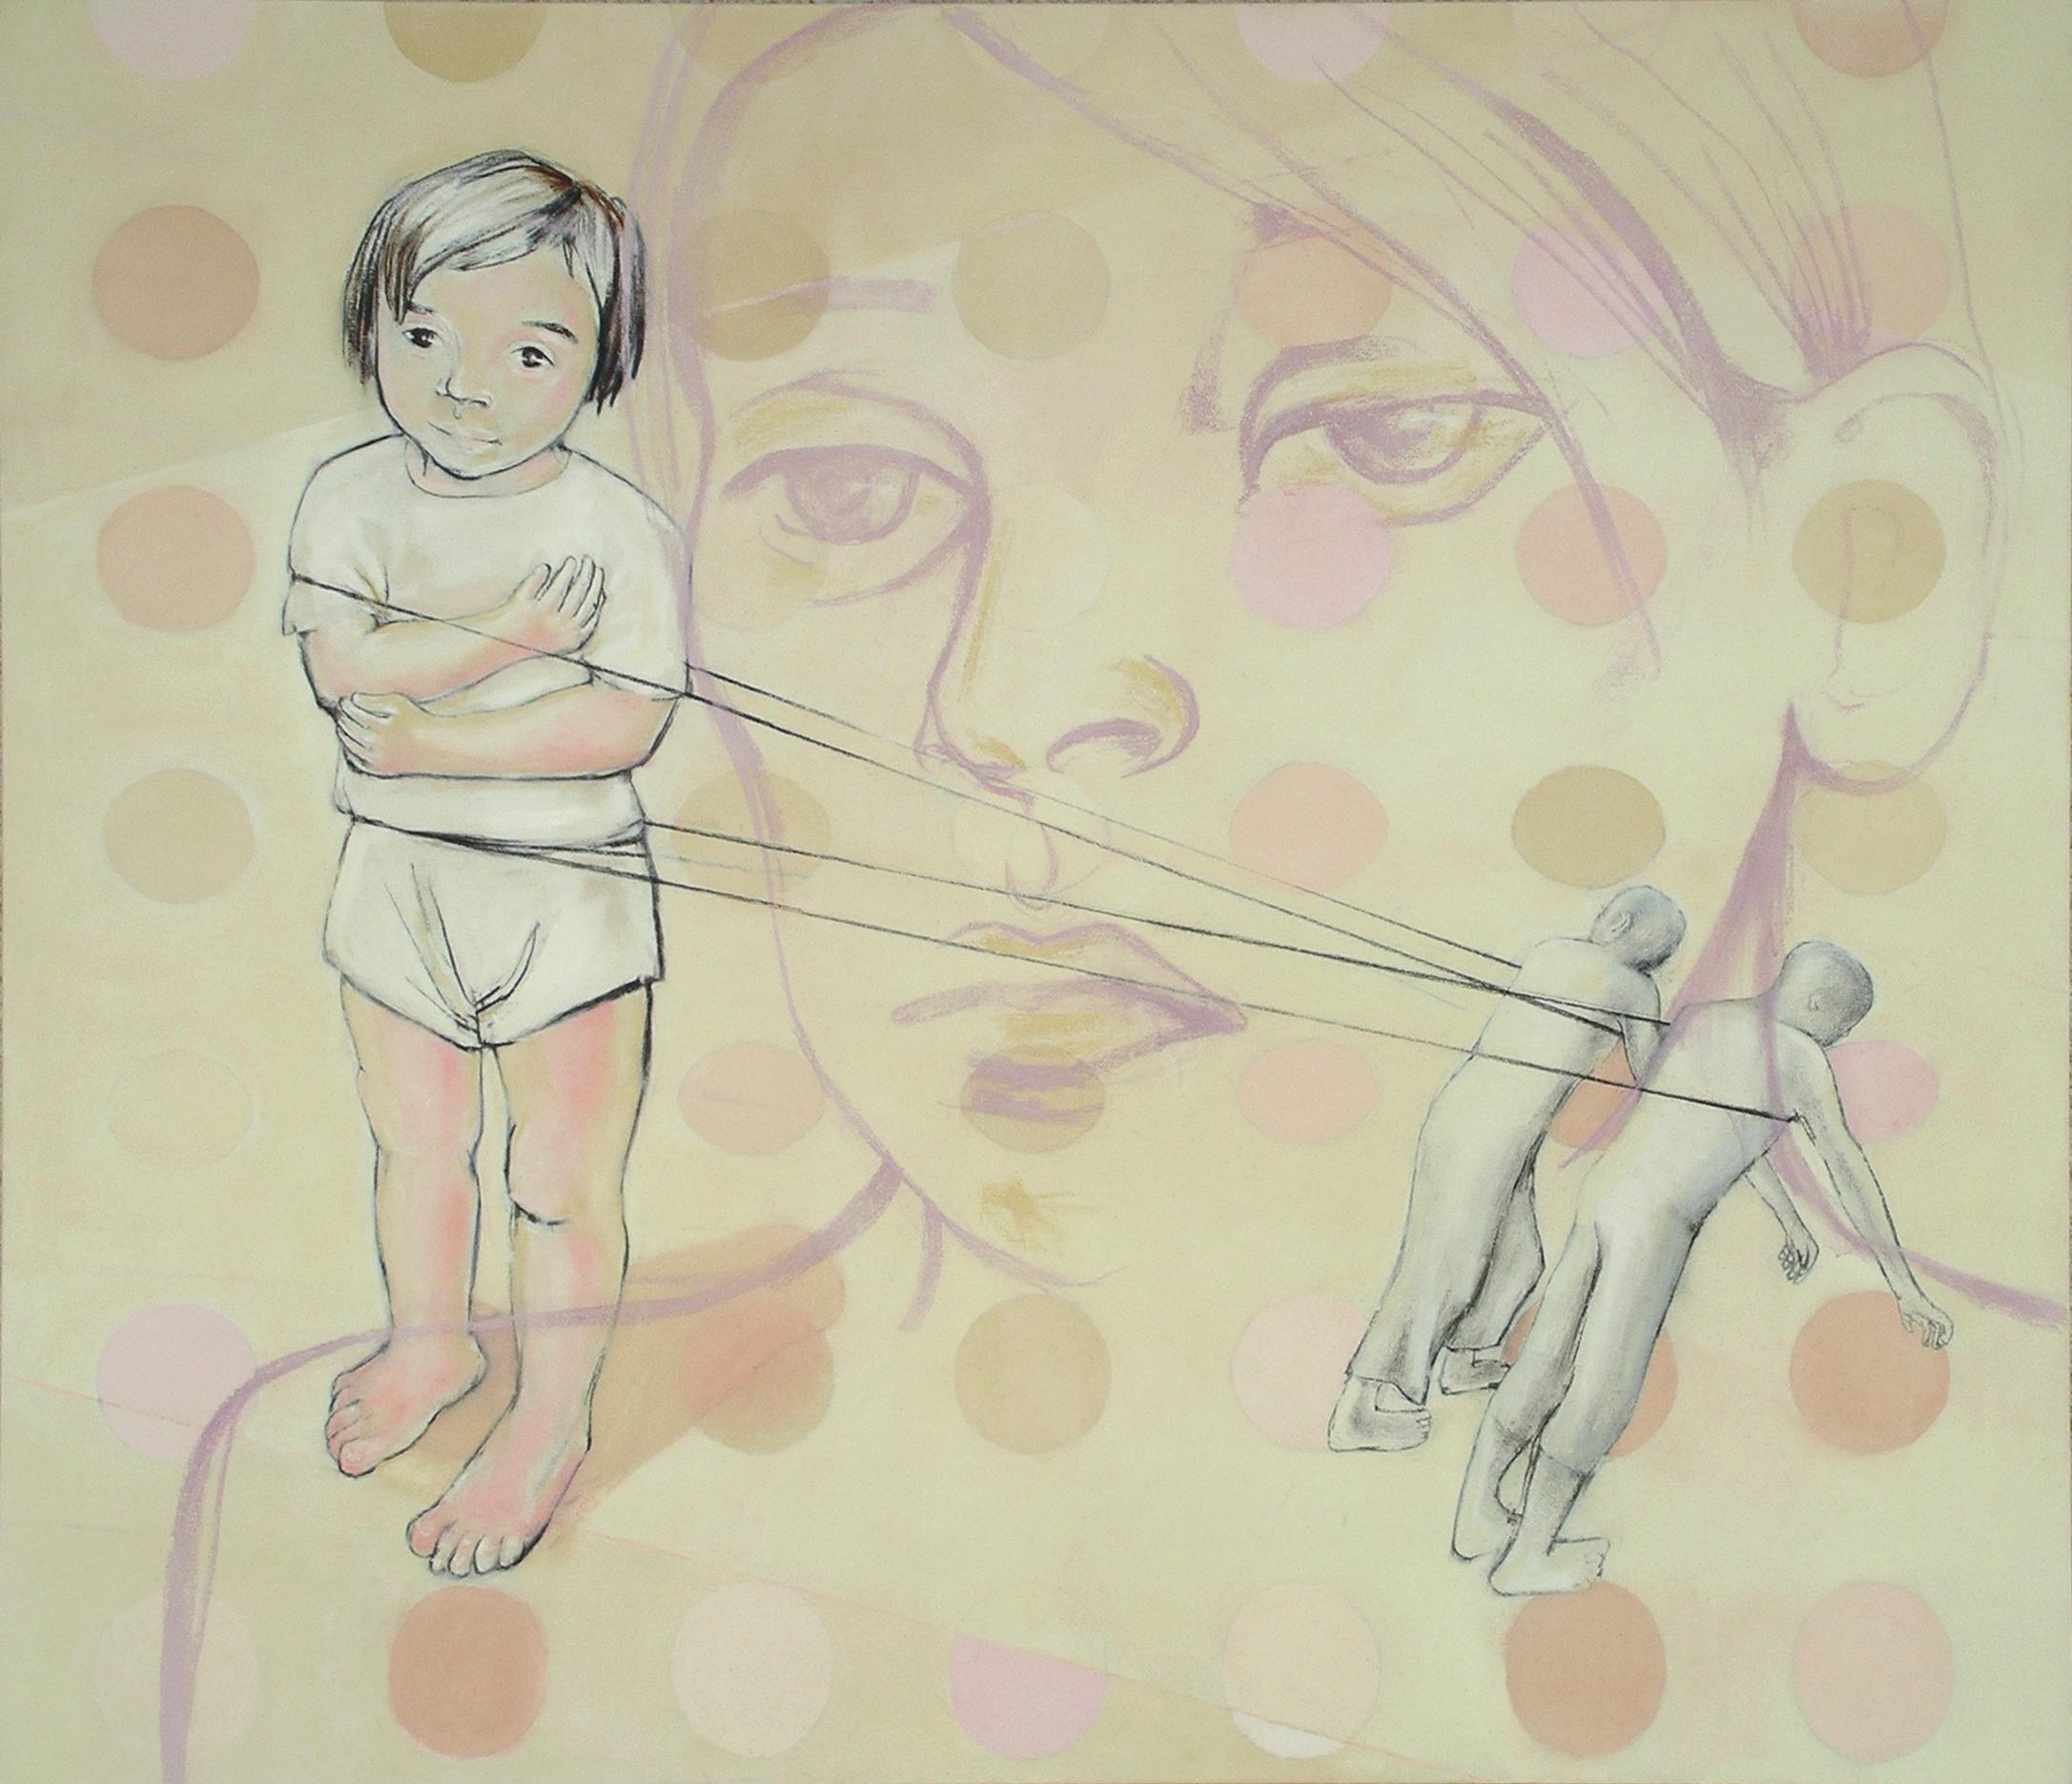 penelope-kouvara-jenny-tsoumpri-art-productions-2